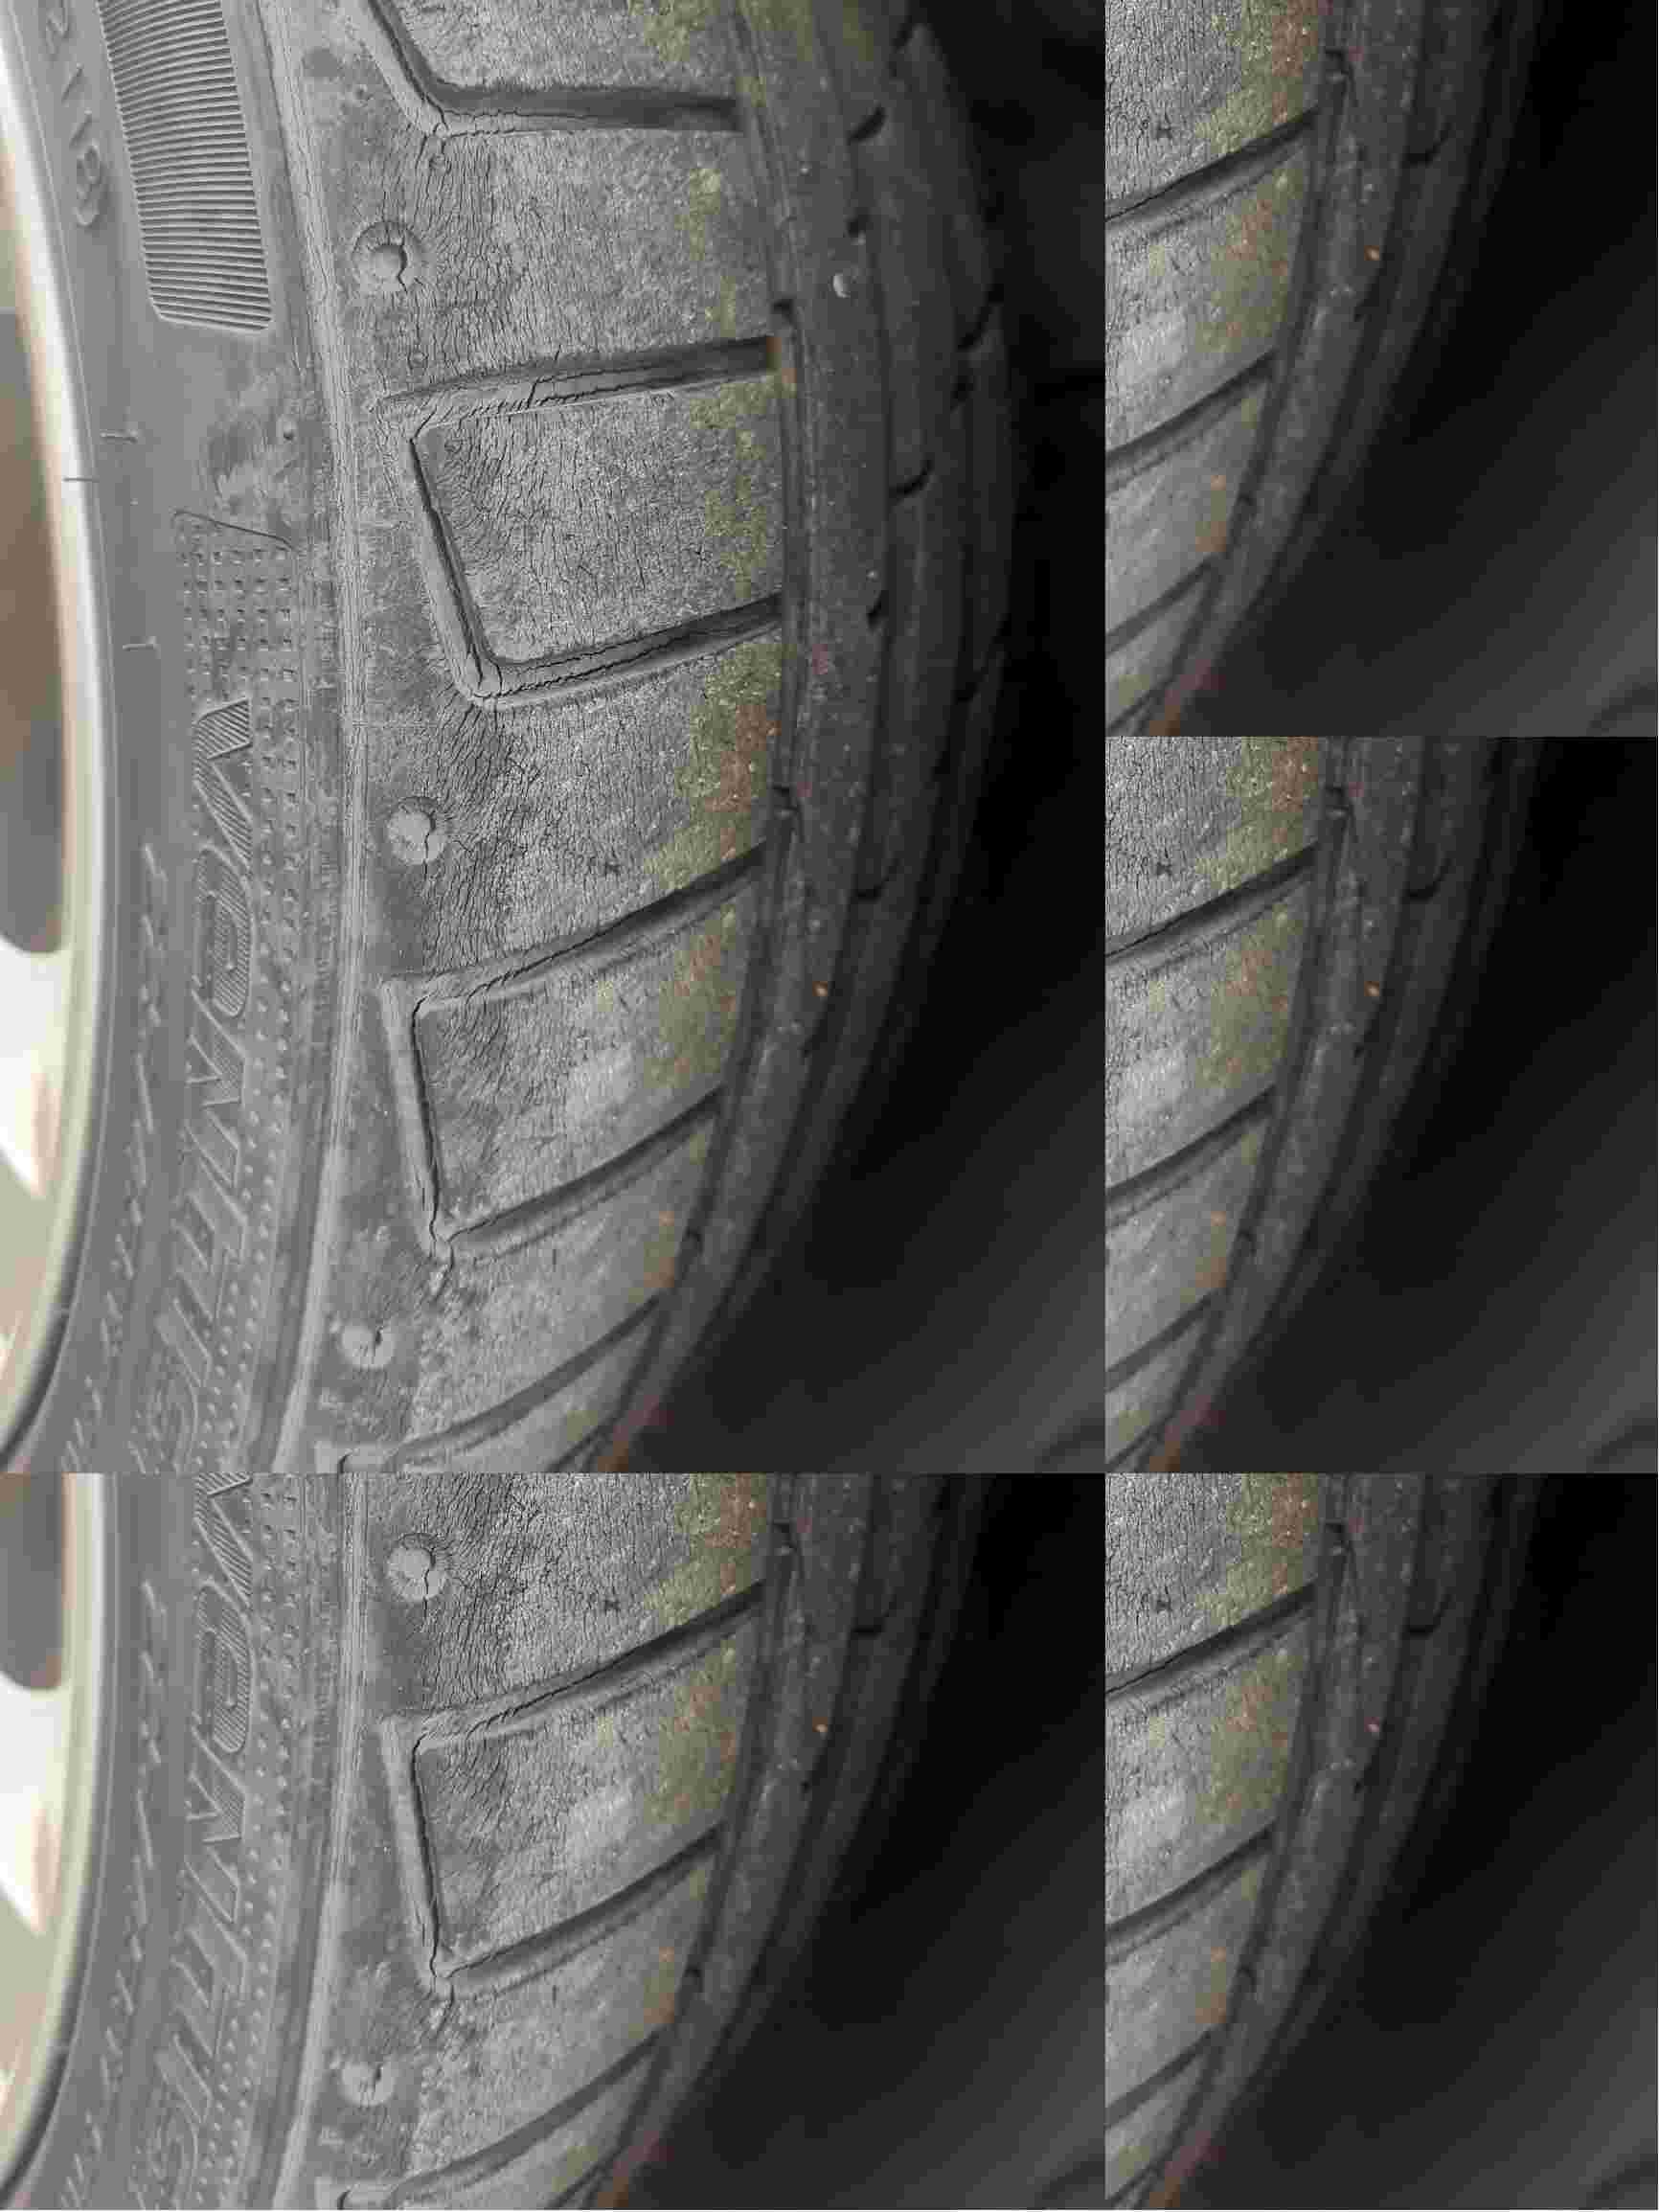 轮胎老化开裂十分严重